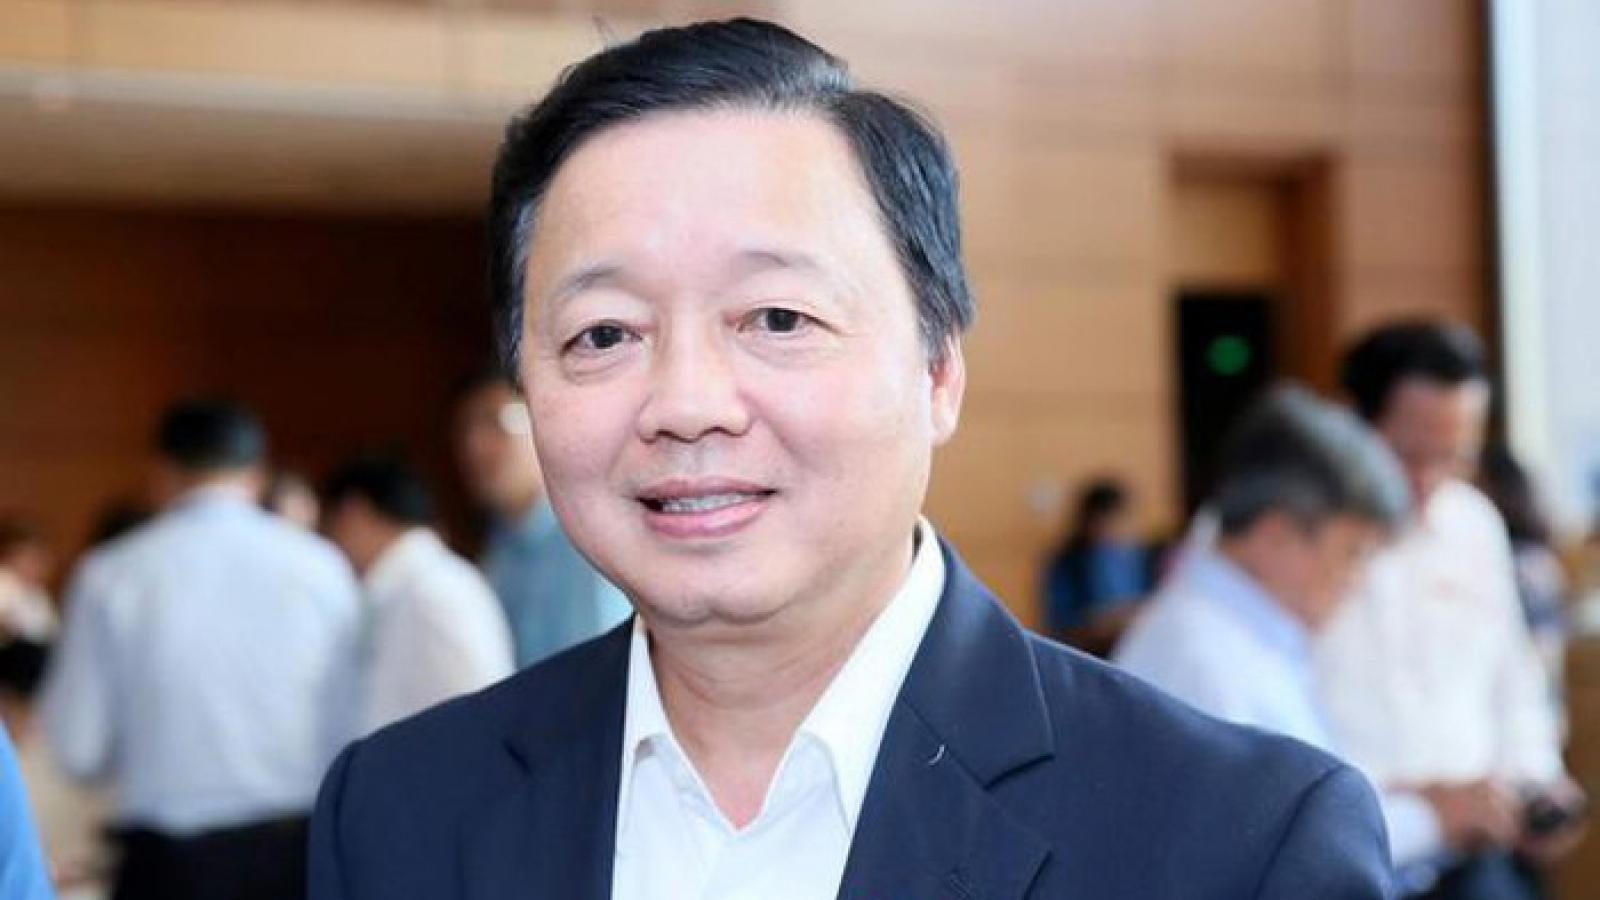 Bộ trưởng Trần Hồng Hà giải trình về đề xuất tích hợp 7 giấy phép thành 1